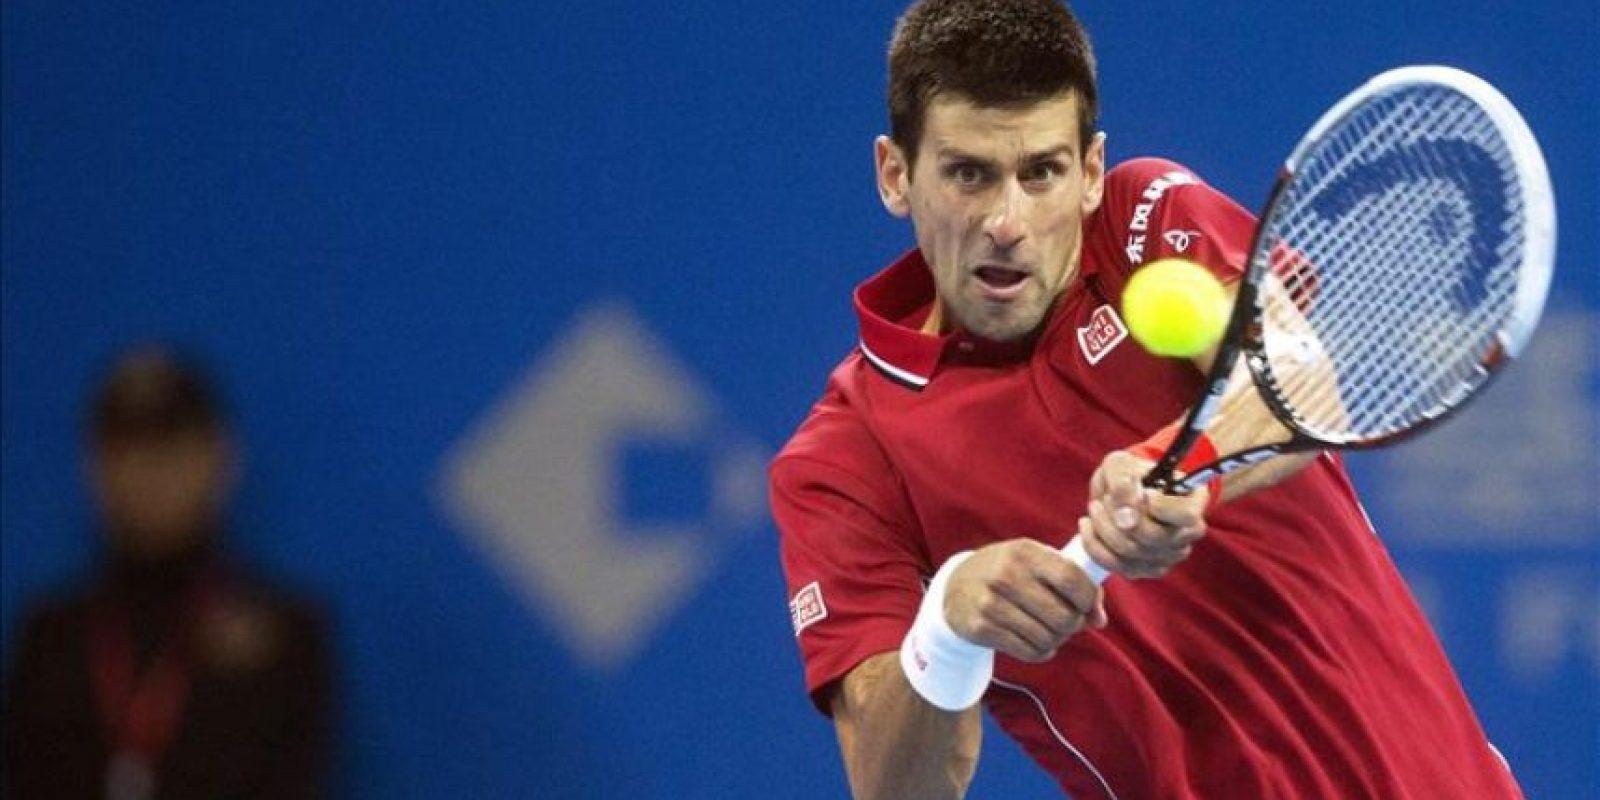 El tenista serbio Novak Djokovic golpea la bola contra el canadiense Vasek Pospisil durante un partido del torneo de tenis de Pekín (China) hoy, miércoles 1 de octubre de 2014. EFE